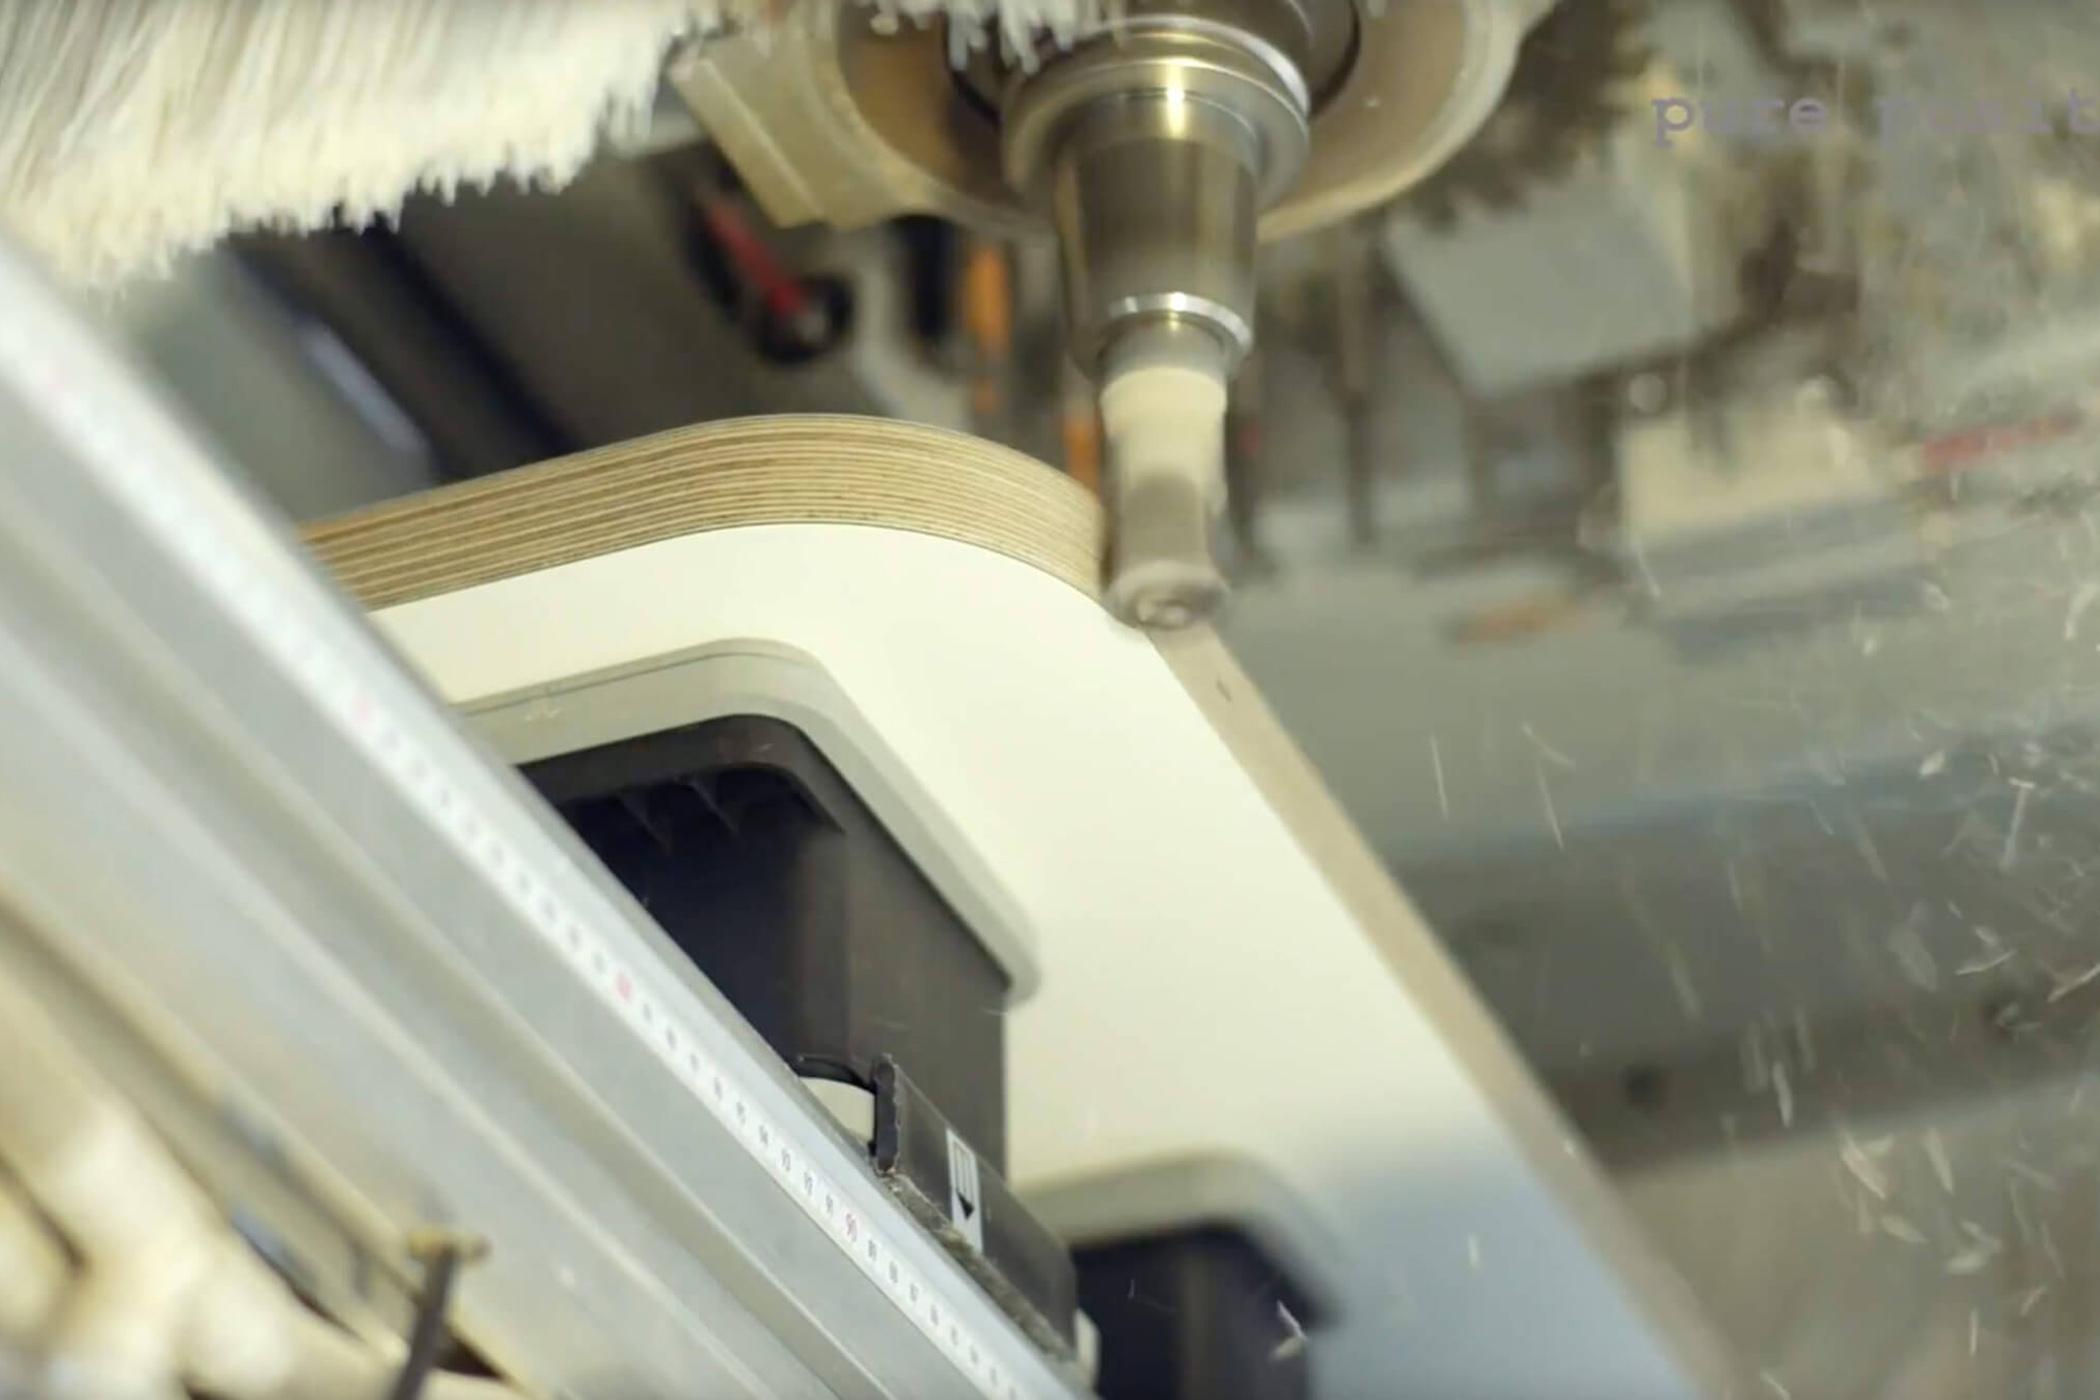 Nahaufname an eine Schleifmaschine die die Ecken einer Tischplatte schleift